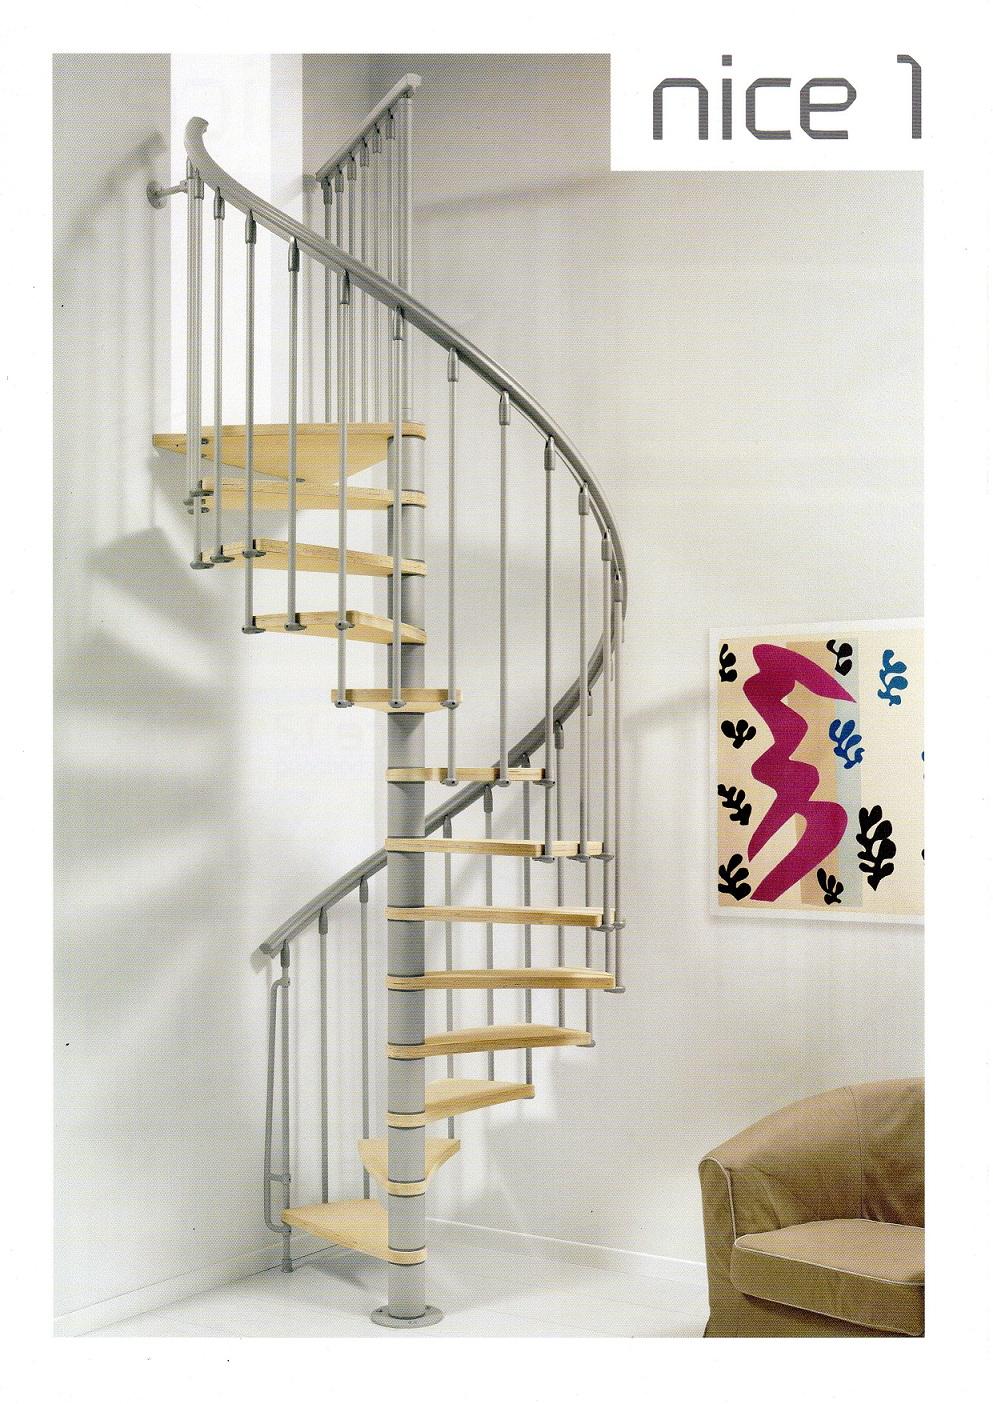 Stalen trap de nice 1 van arke trappen uit italie - De trap van de bistro ...